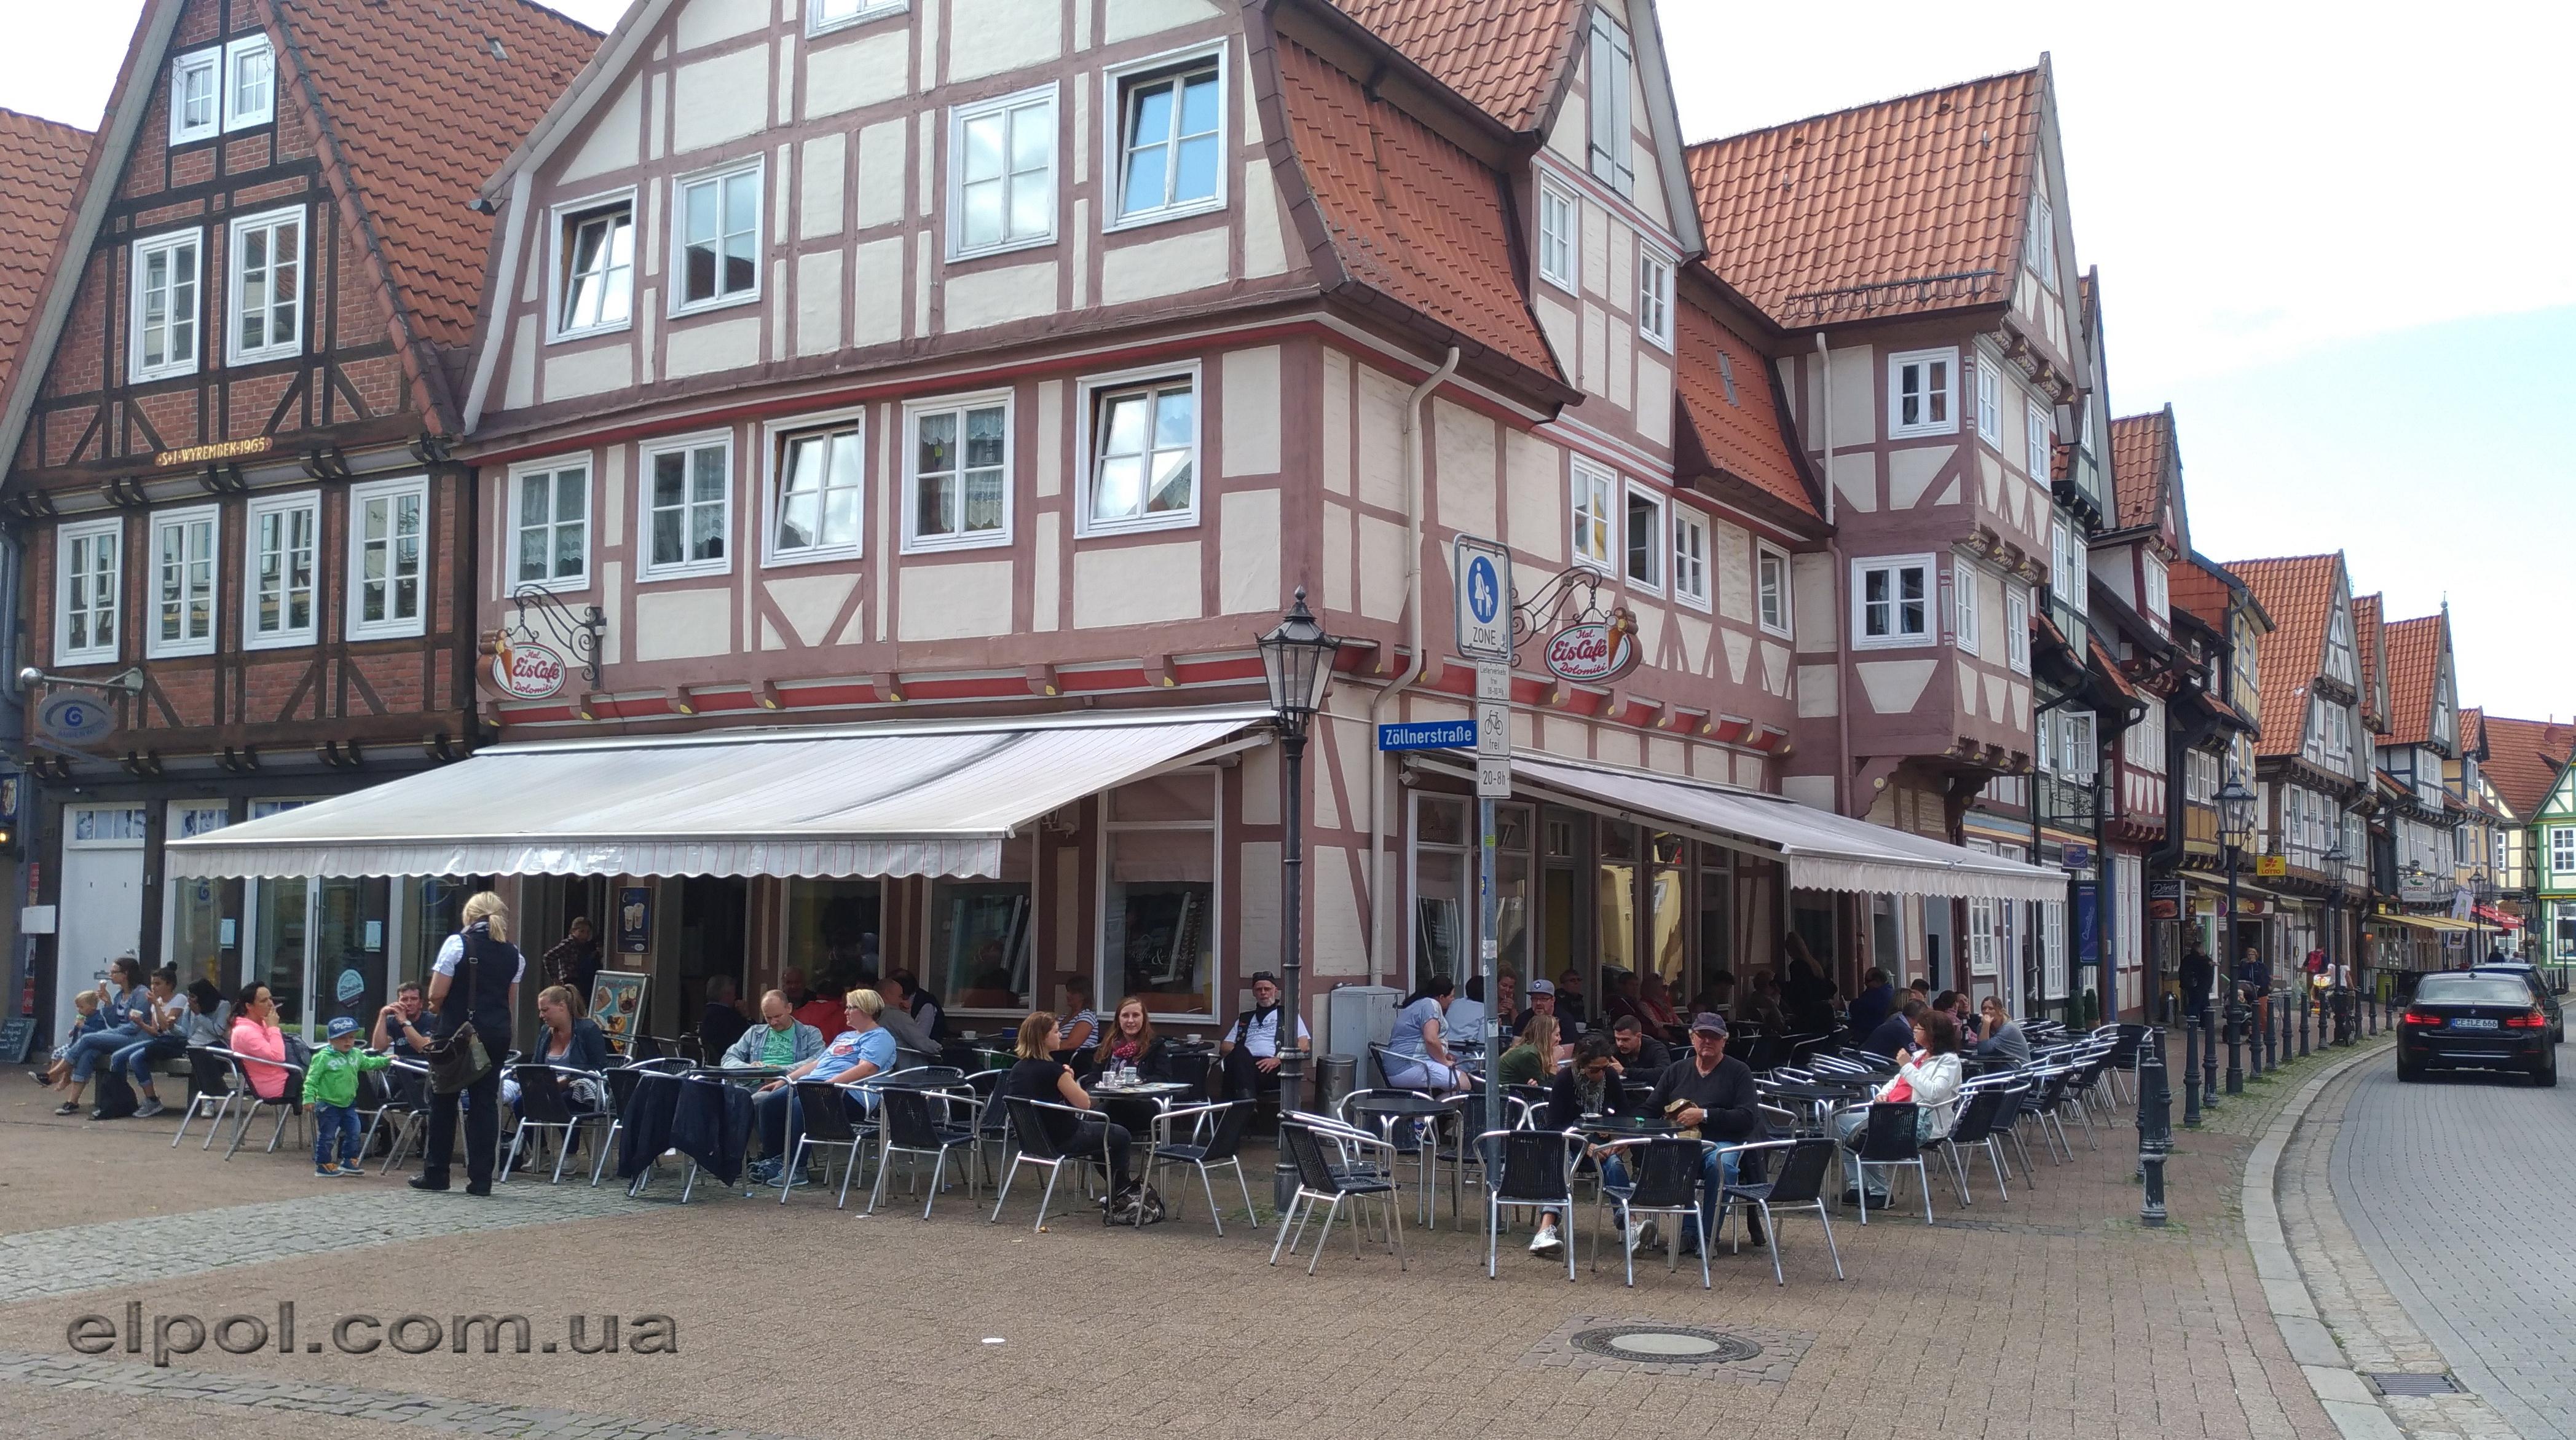 маркизы в Бремене Германия